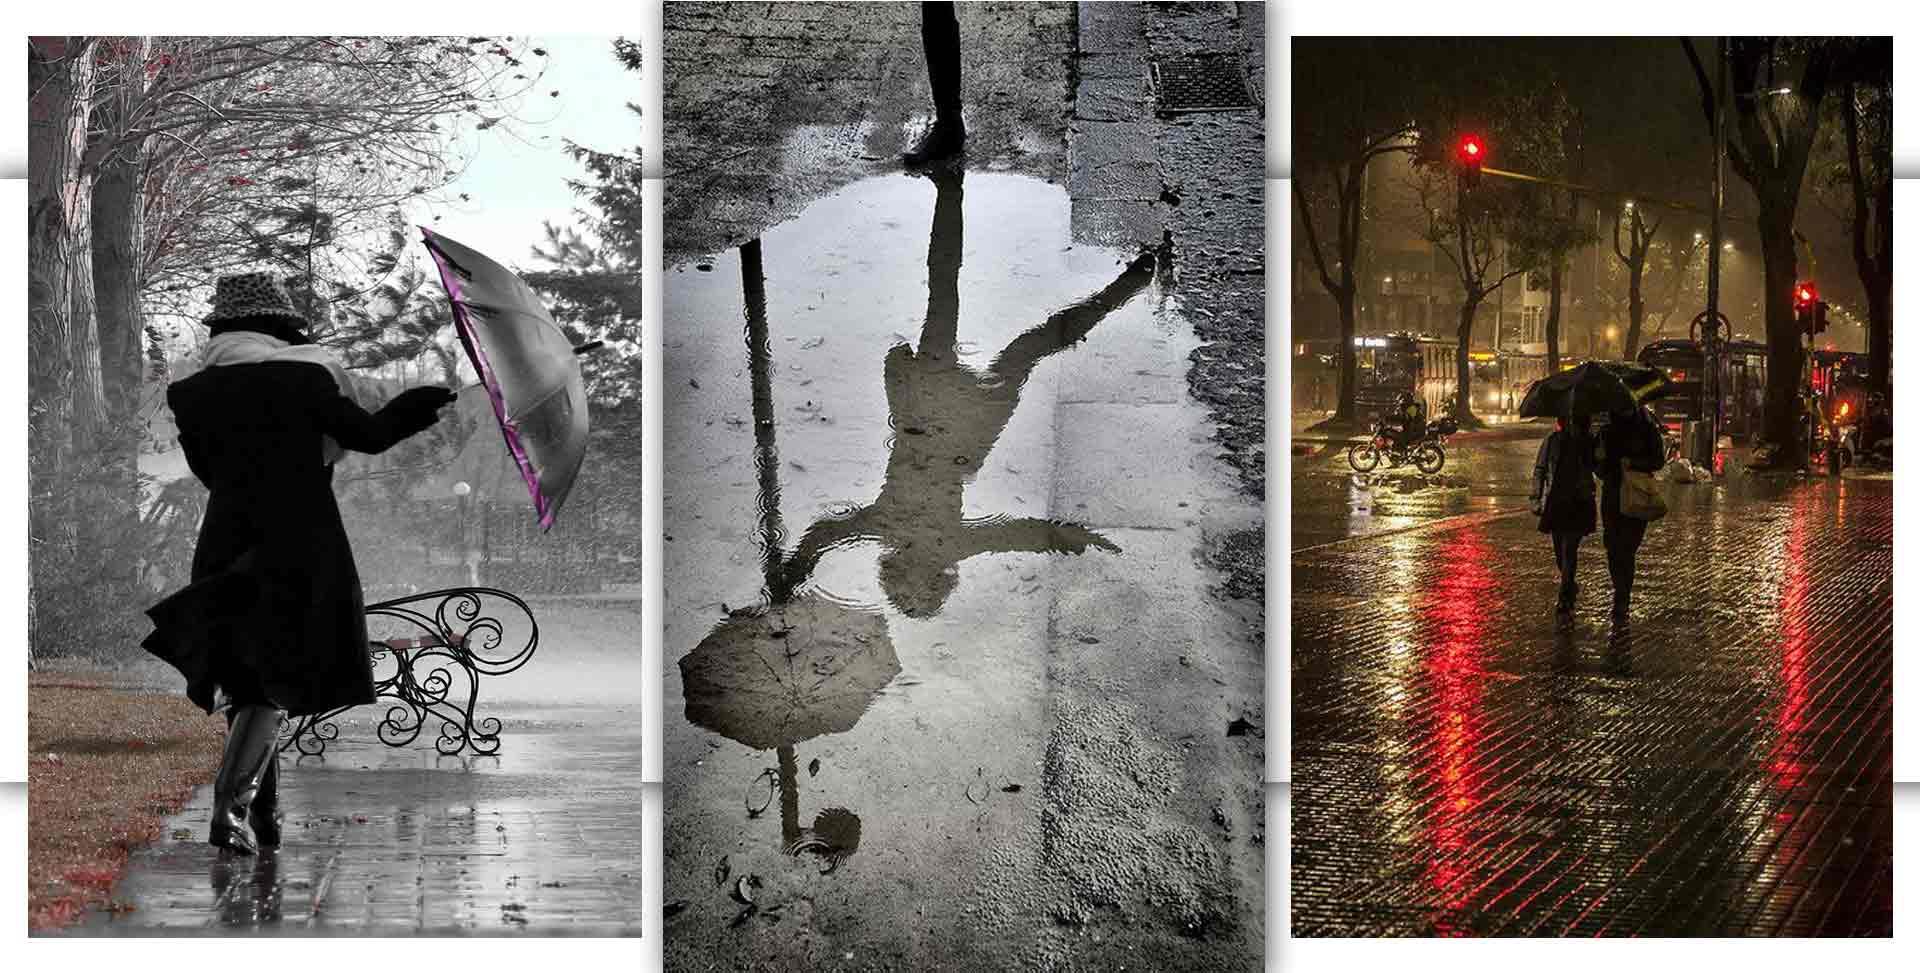 Water photographys 070s - 9 ایده ی عکاسی از آب برای نمایش پاشیدن قطرات آب